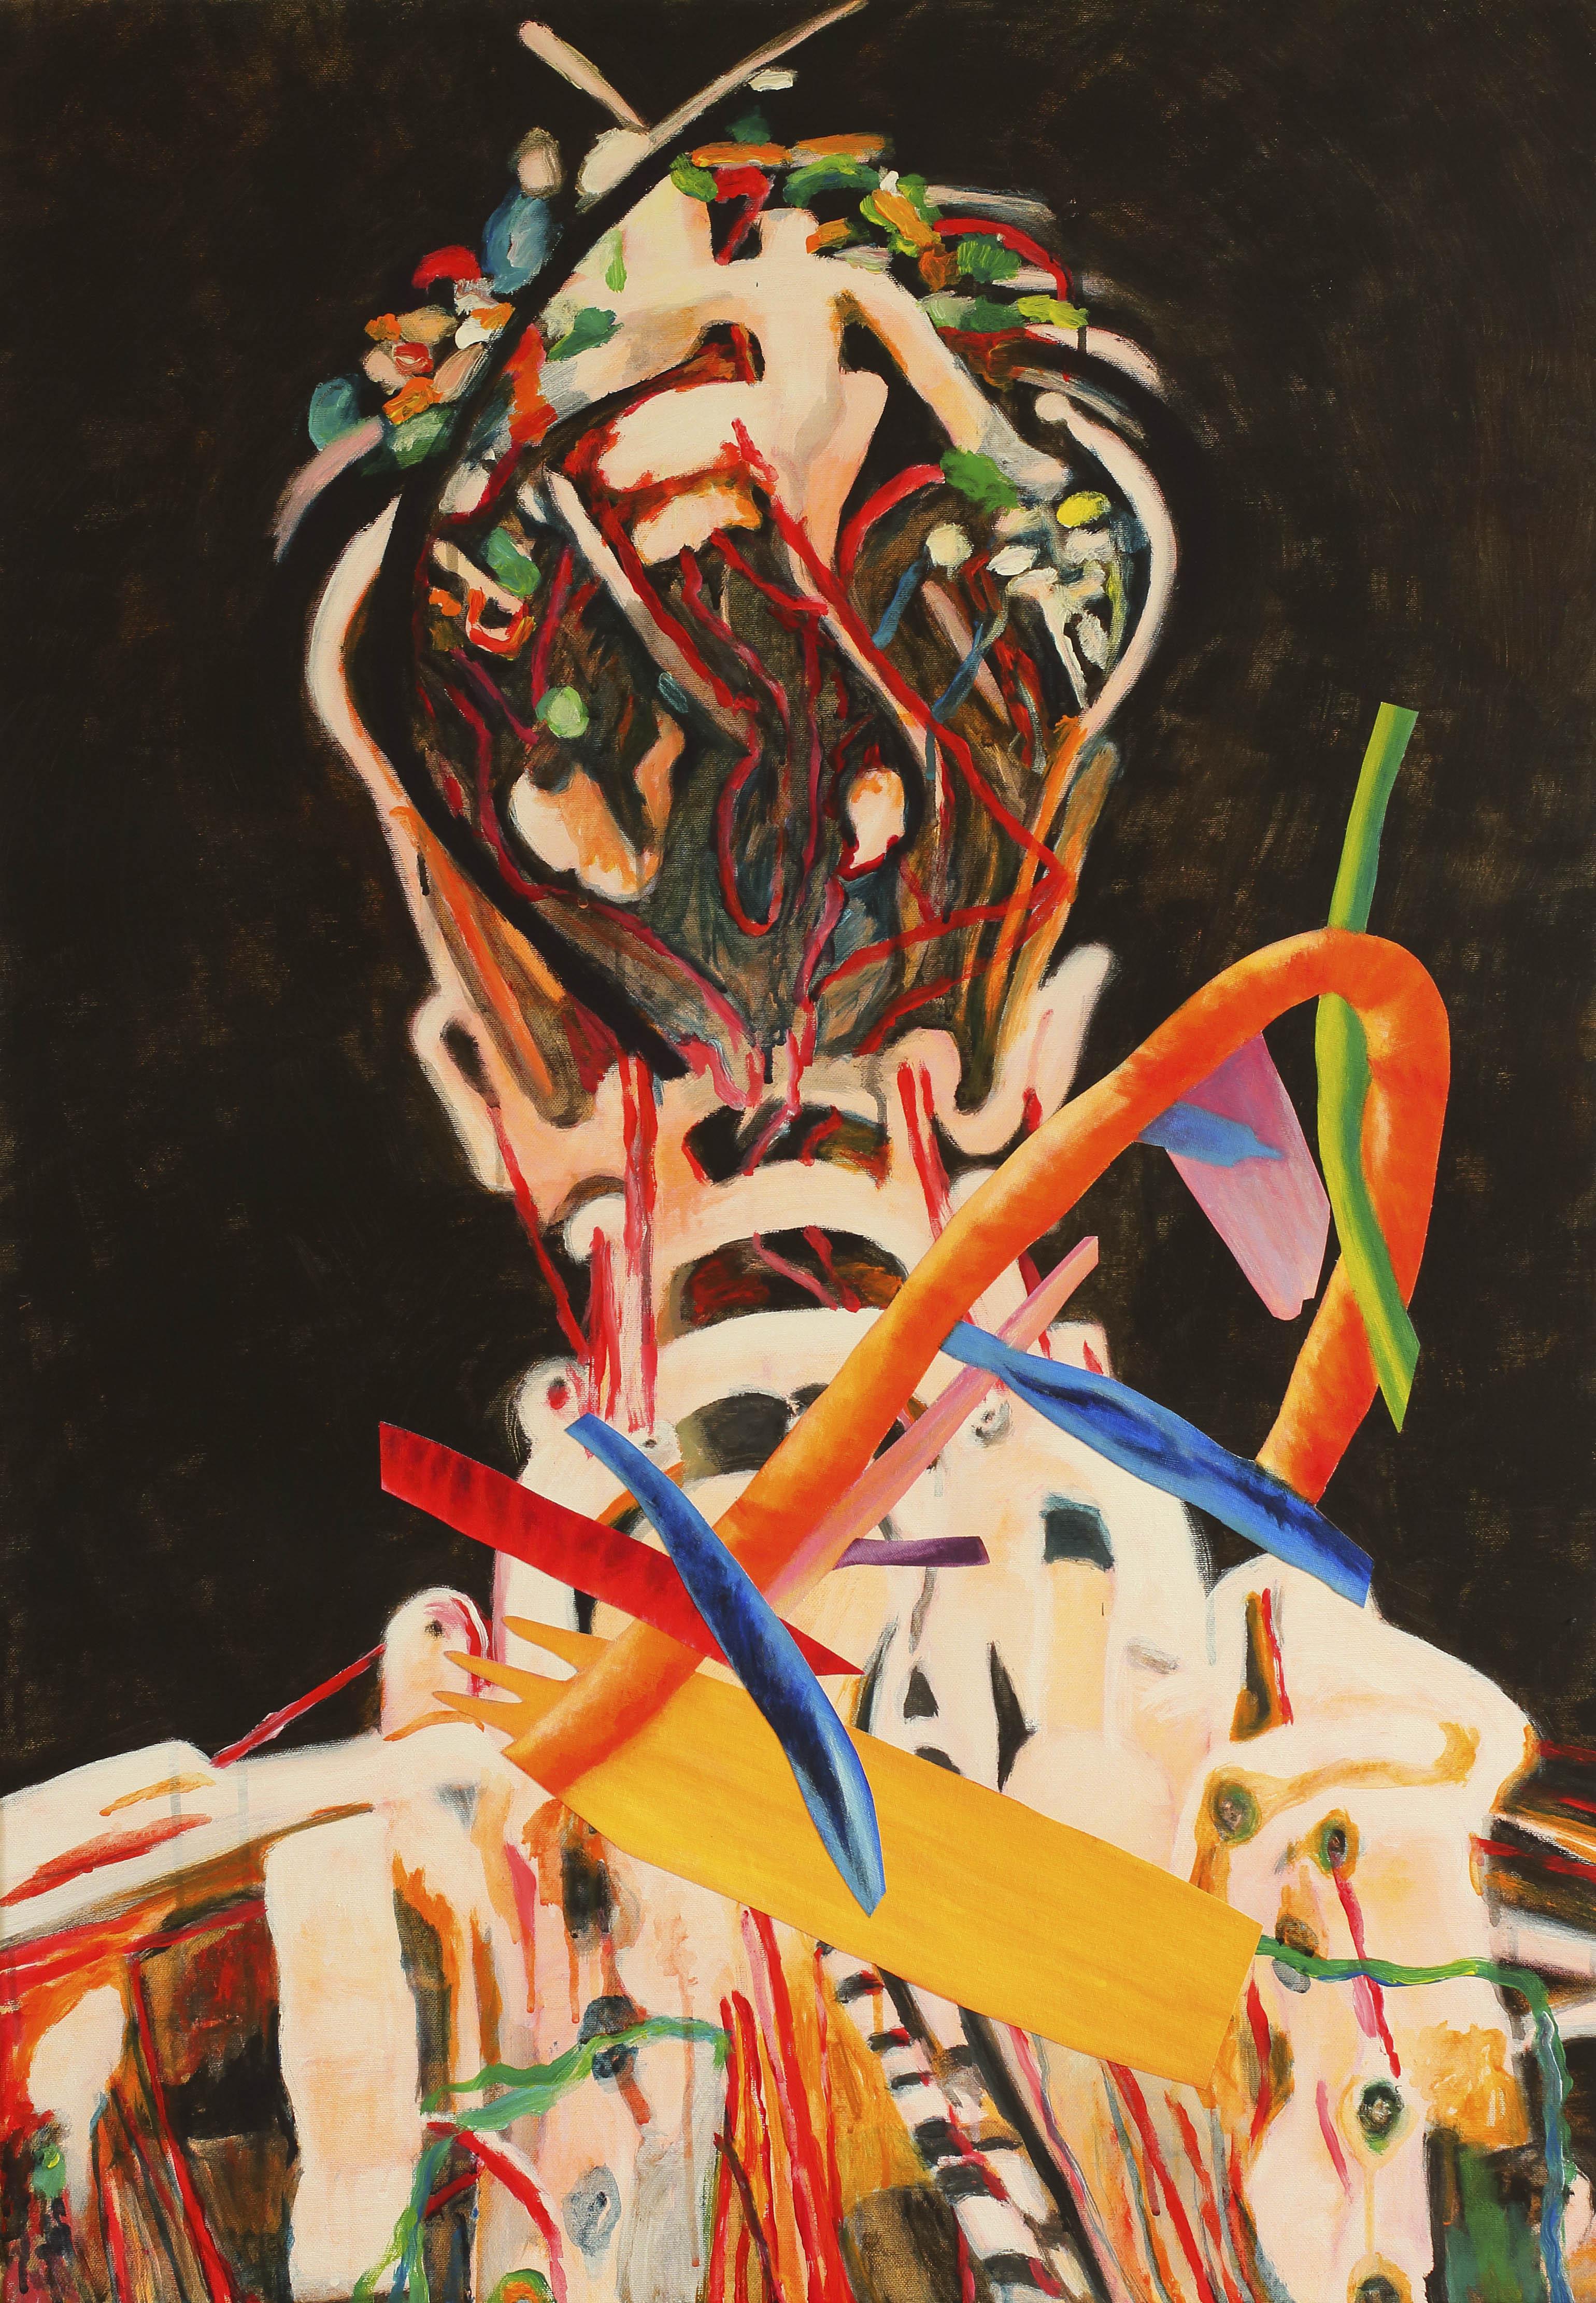 Complication - 70 x 100 cm - acryl op doek